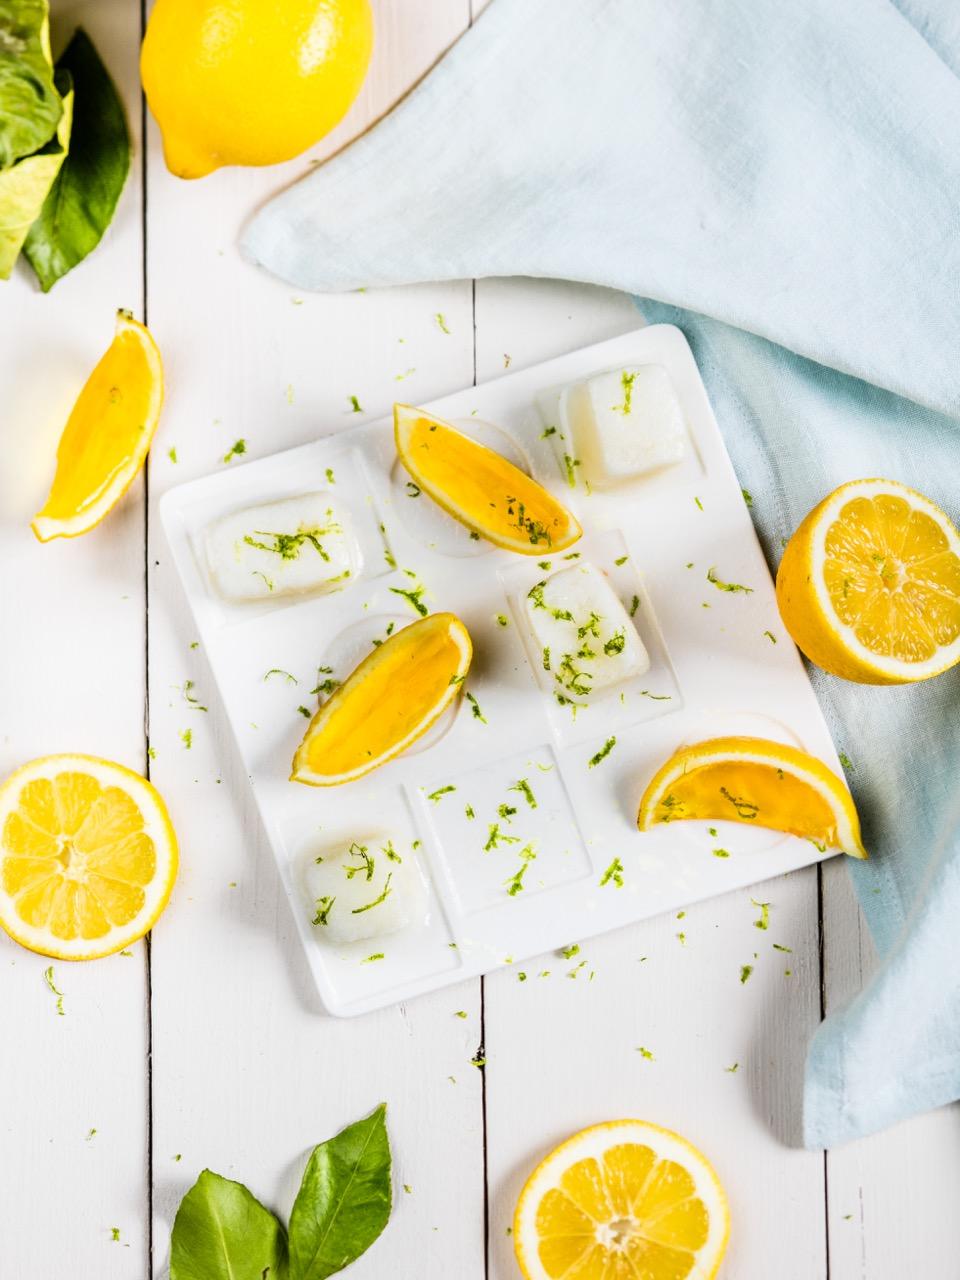 Les coupes de glaces revisitées, Bottin Gourmand Magazine, Juliette Lalbaltry, crédits photos: Delphine Amar-Constantini